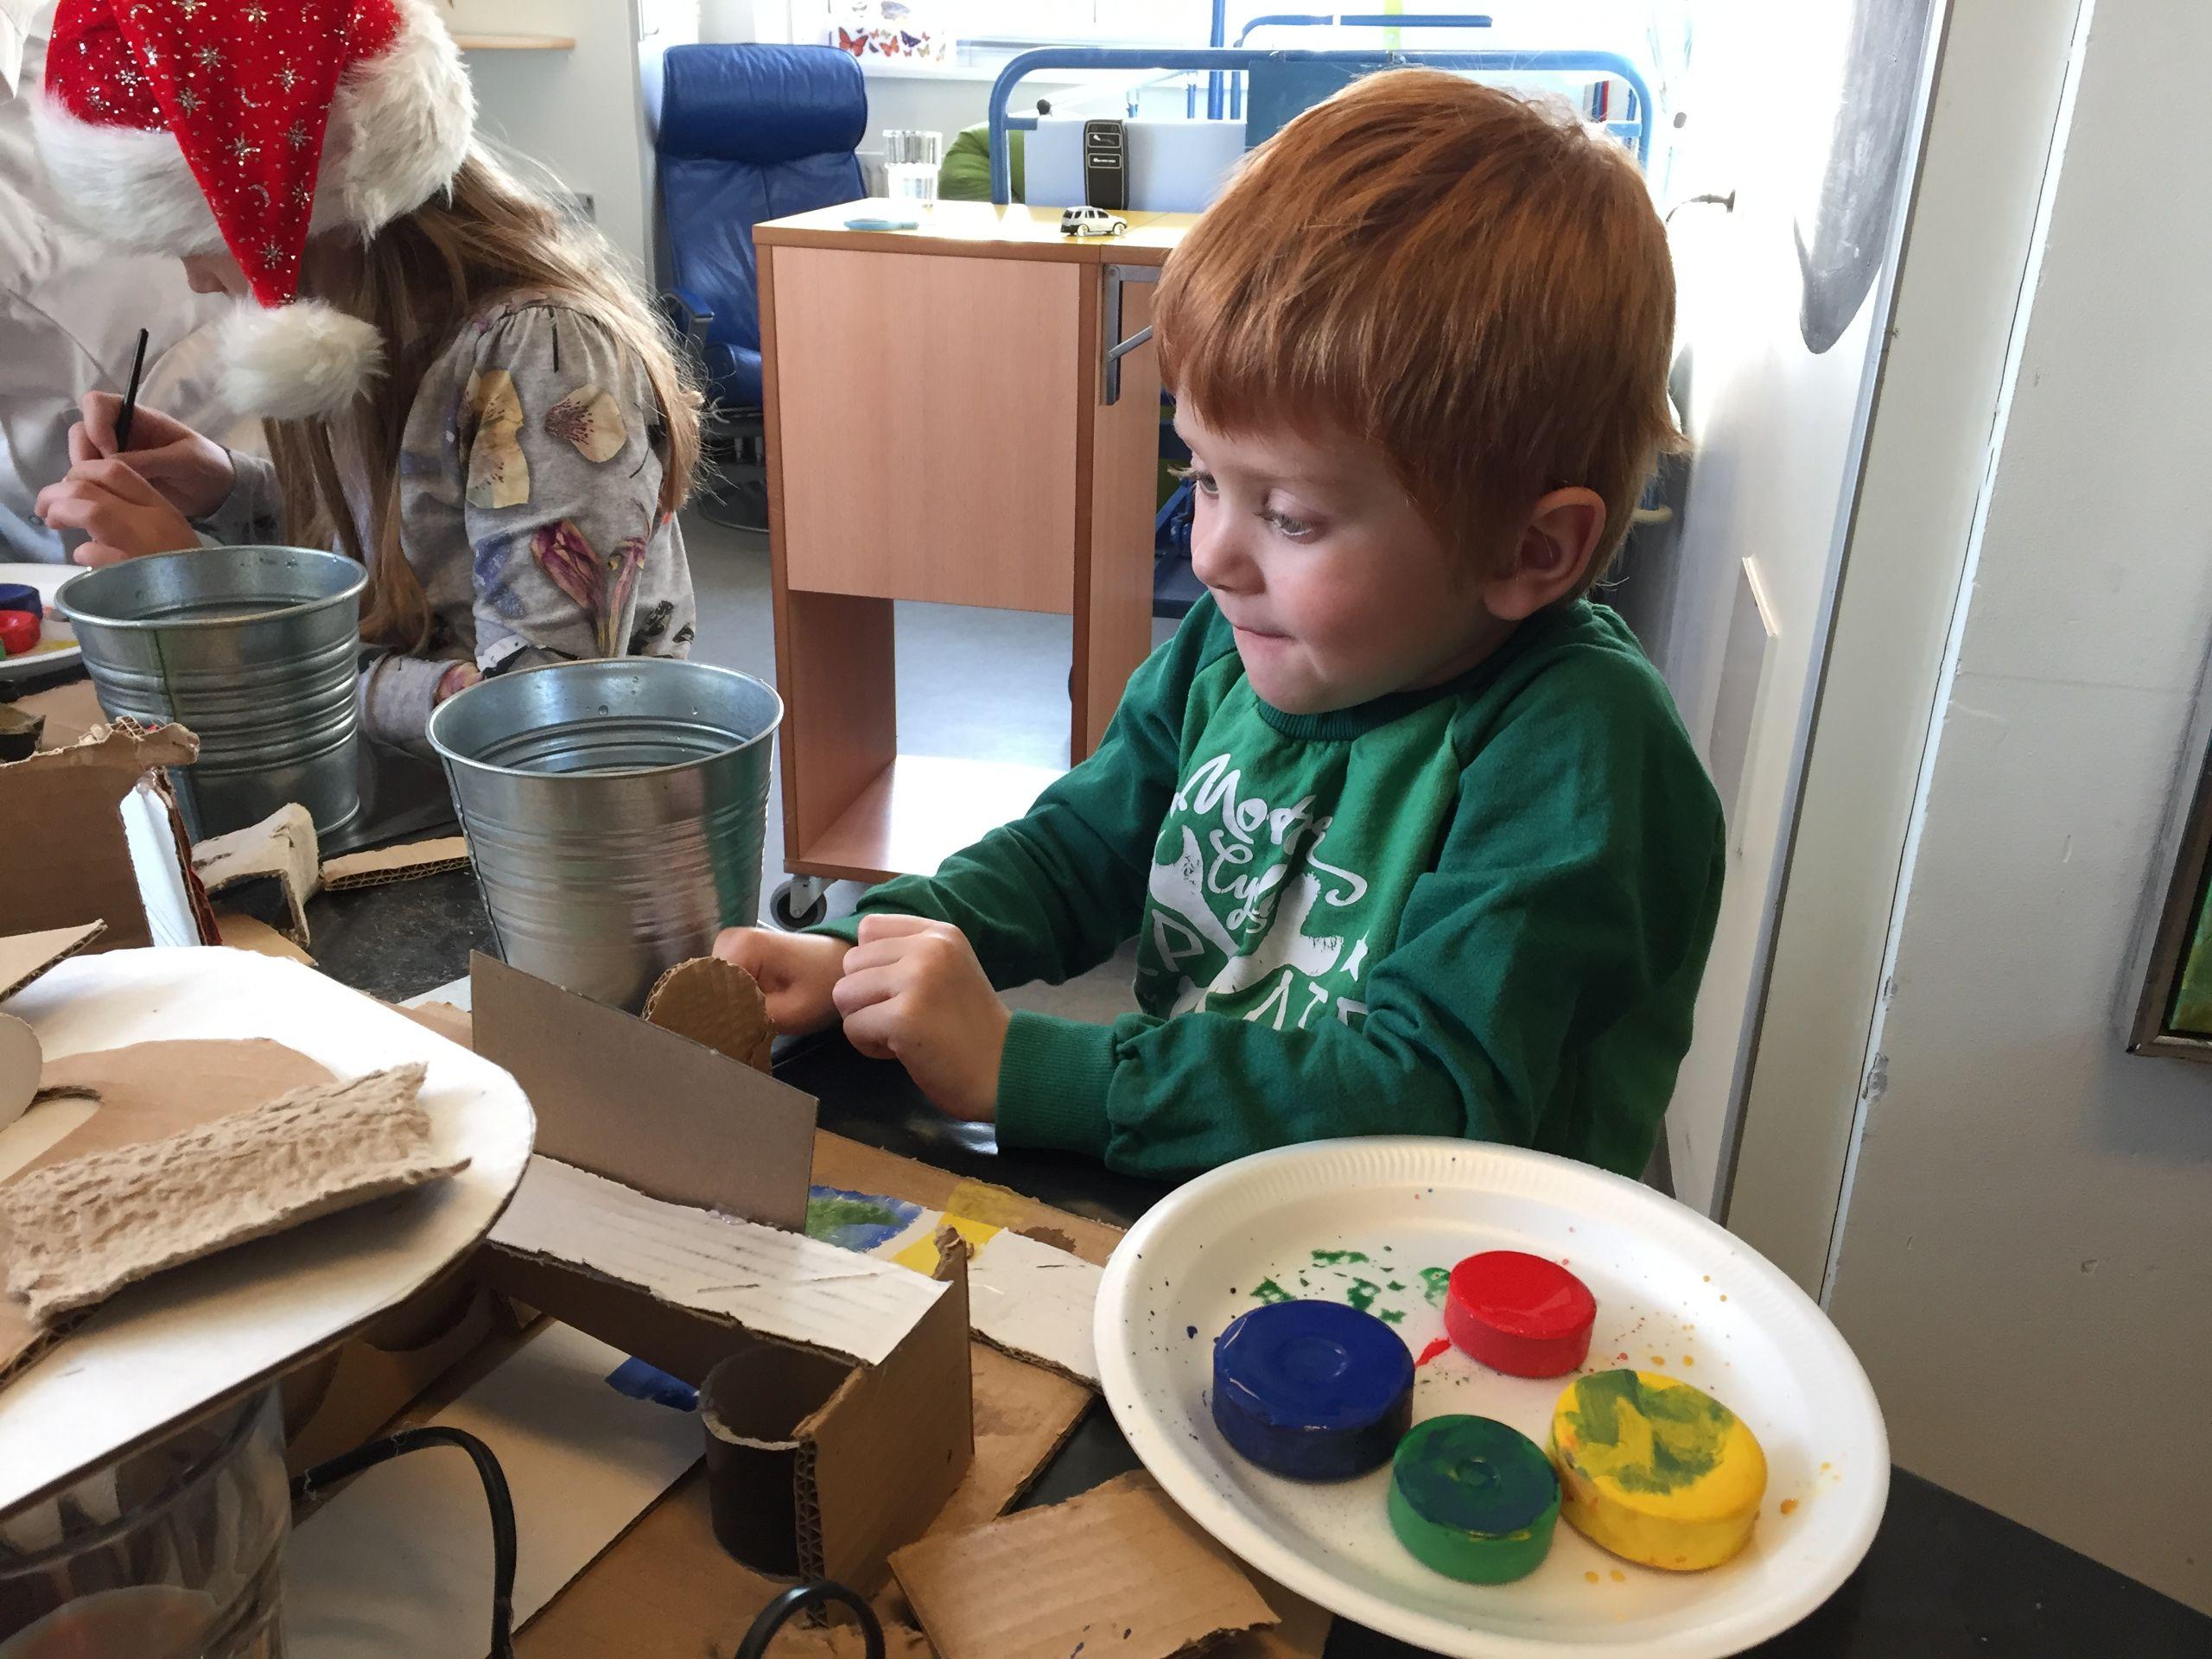 Kunsten har lavet et fast samarbejde med børneafdelingen om kreative workshops for de syge børn og deres pårørende. Foto: Kunsten